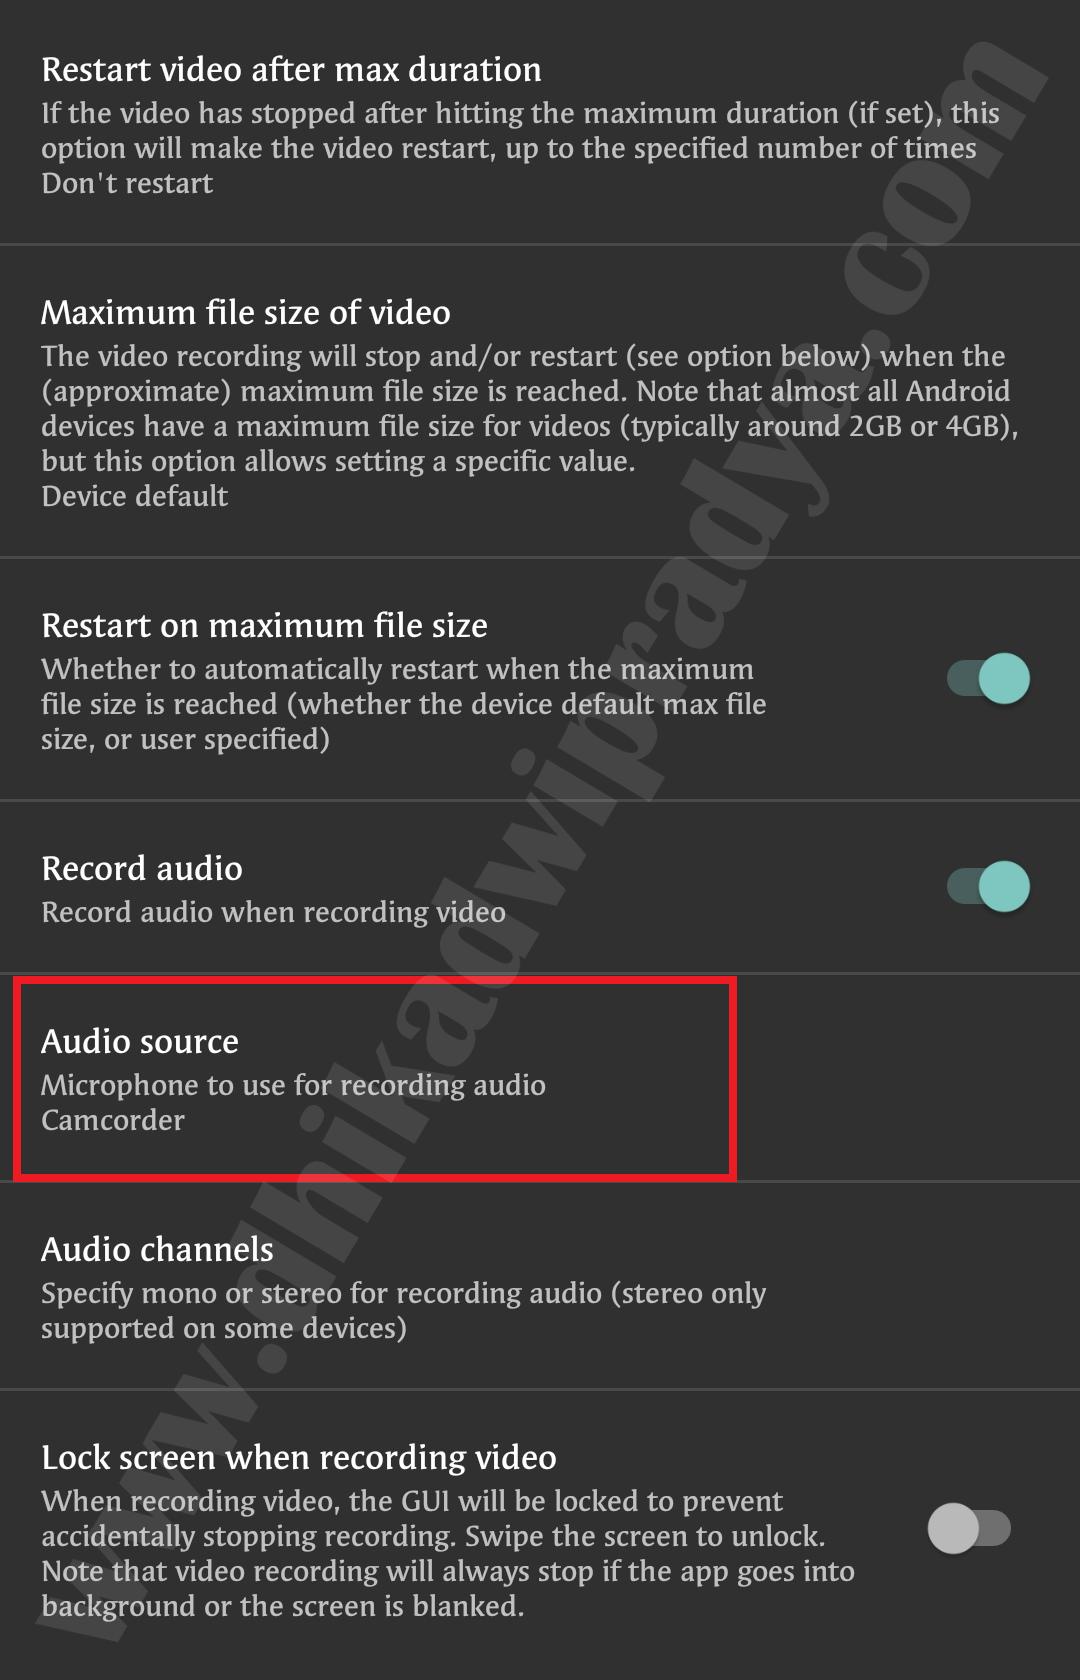 cara-merekam-audio-dengan-microphone-eksternal-pada-mode-video4-dhikadwipradya